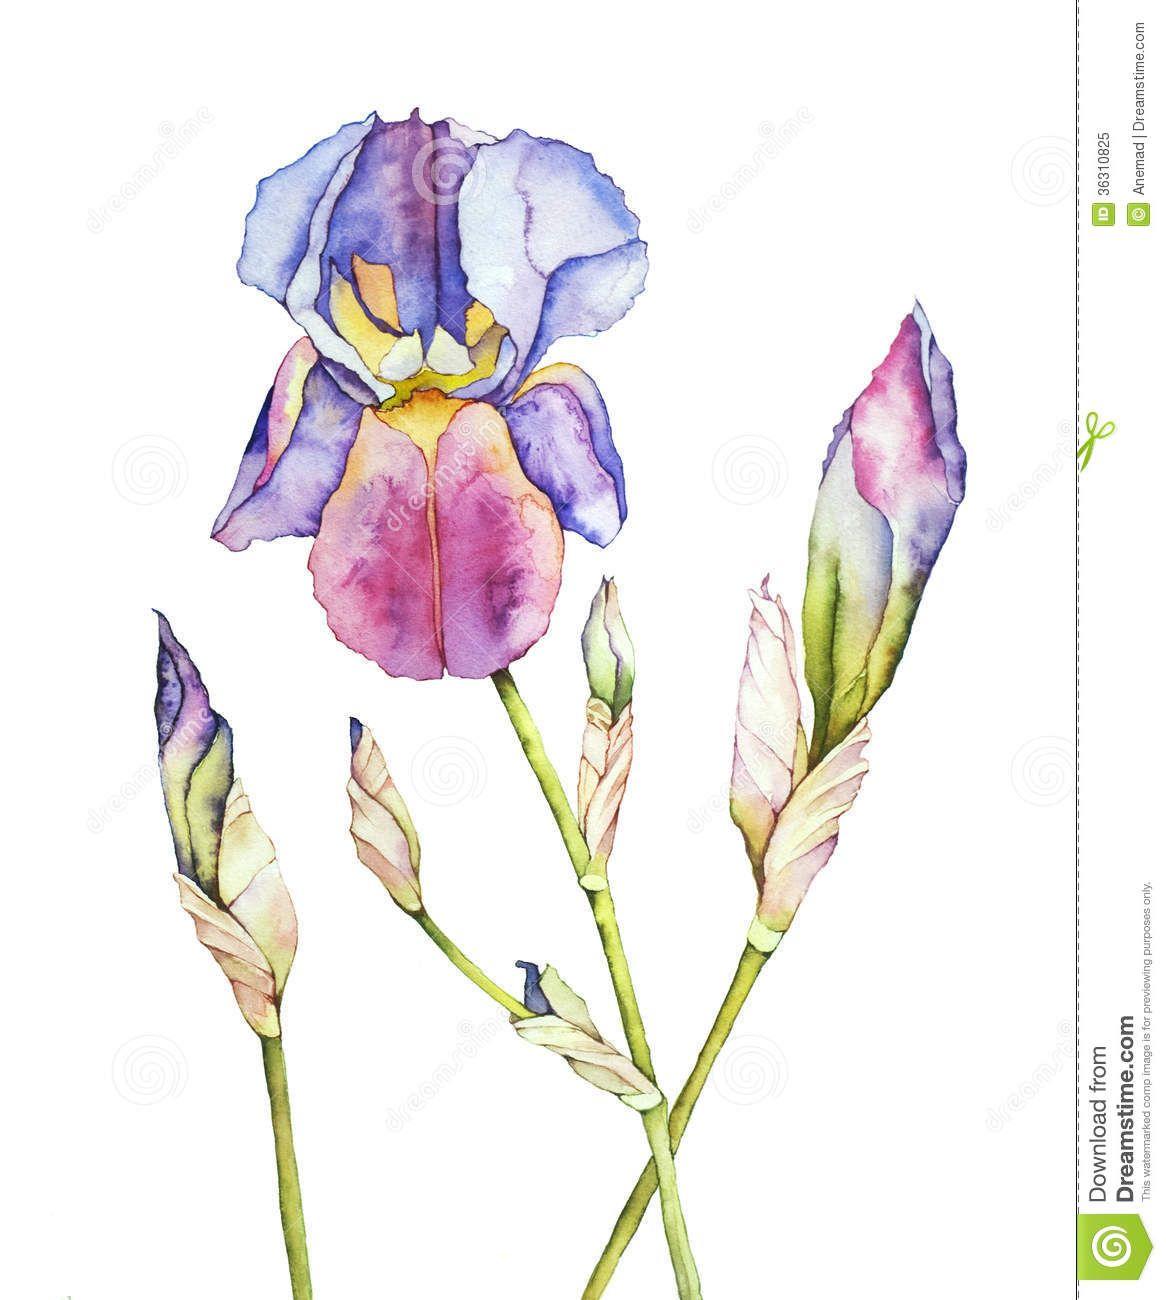 Watercolor iris white 36310825g 11661300 watercolor watercolor iris white 36310825g 11661300 iris tattooflower izmirmasajfo